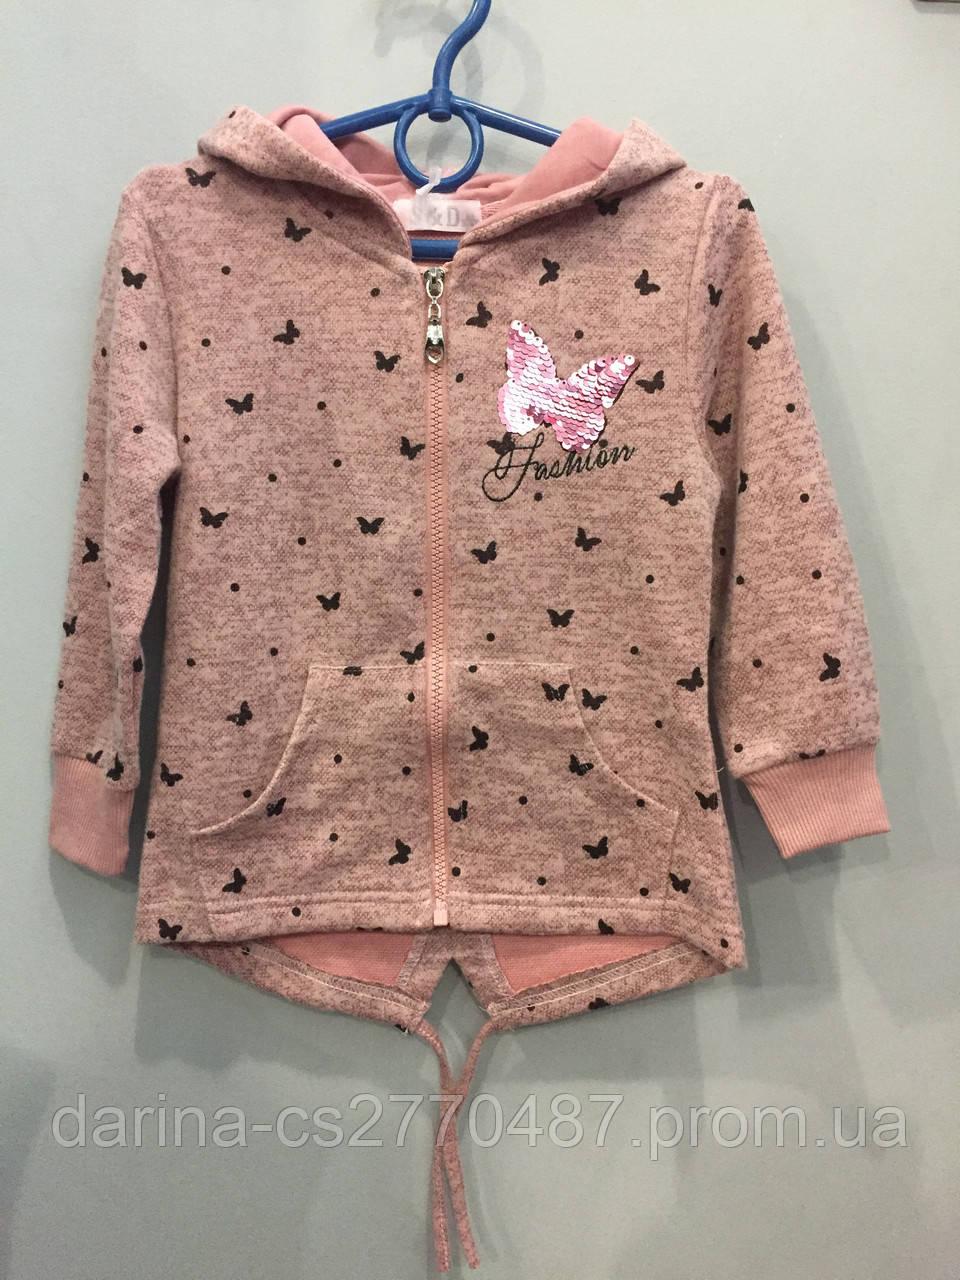 Детская пайта с бабочками для девочки